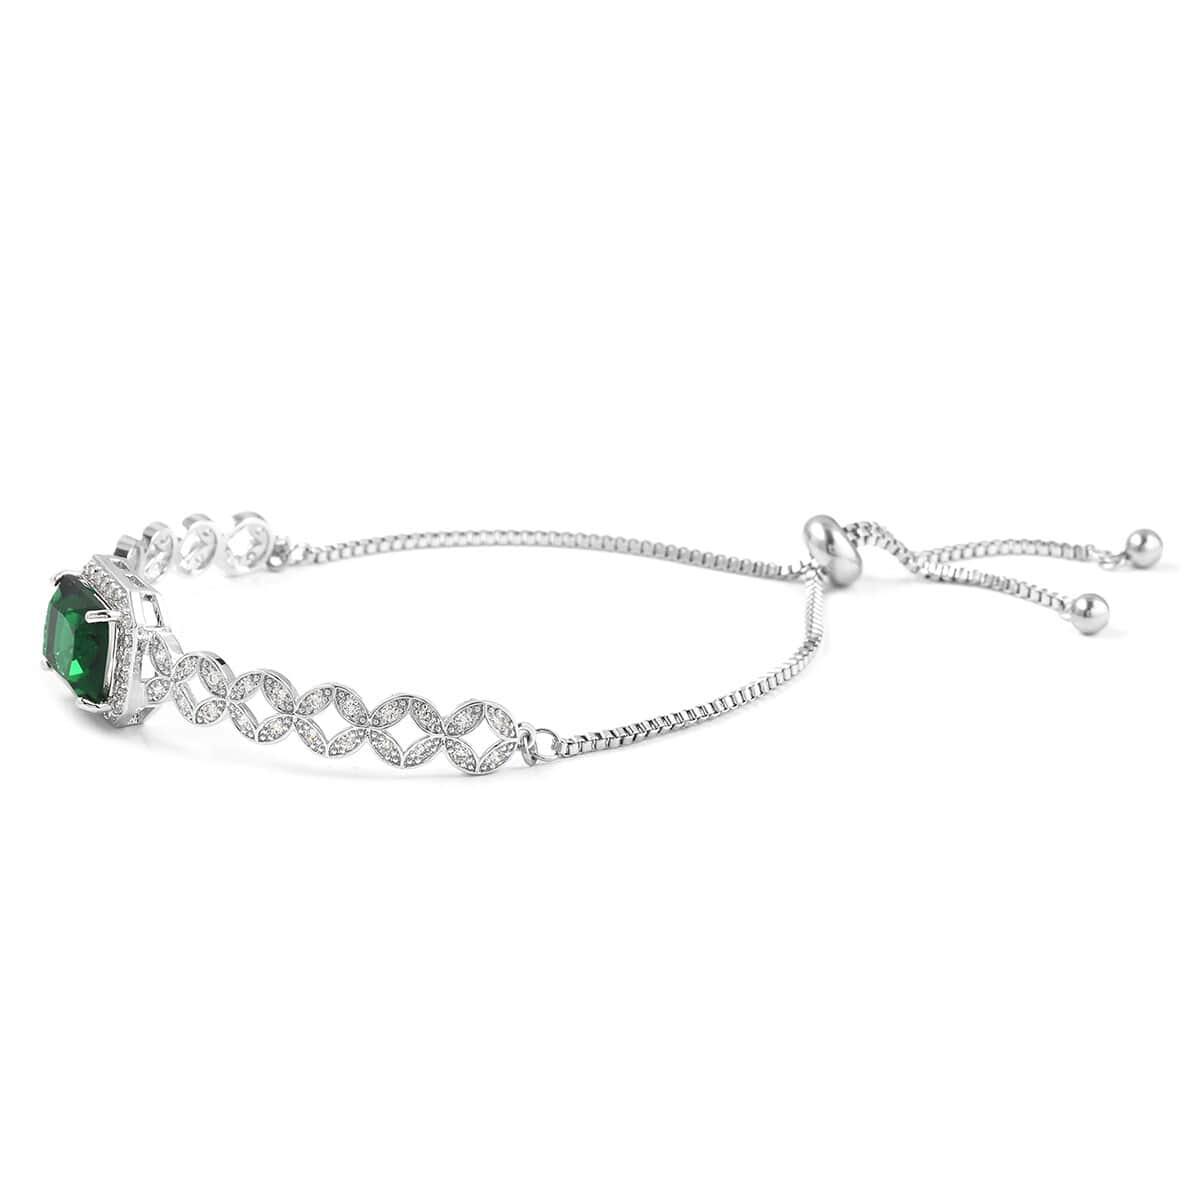 12-Color-Options-Cubic-Zirconia-Bracelet-Chain-Pendant-Necklace-Set-Adjustable thumbnail 30